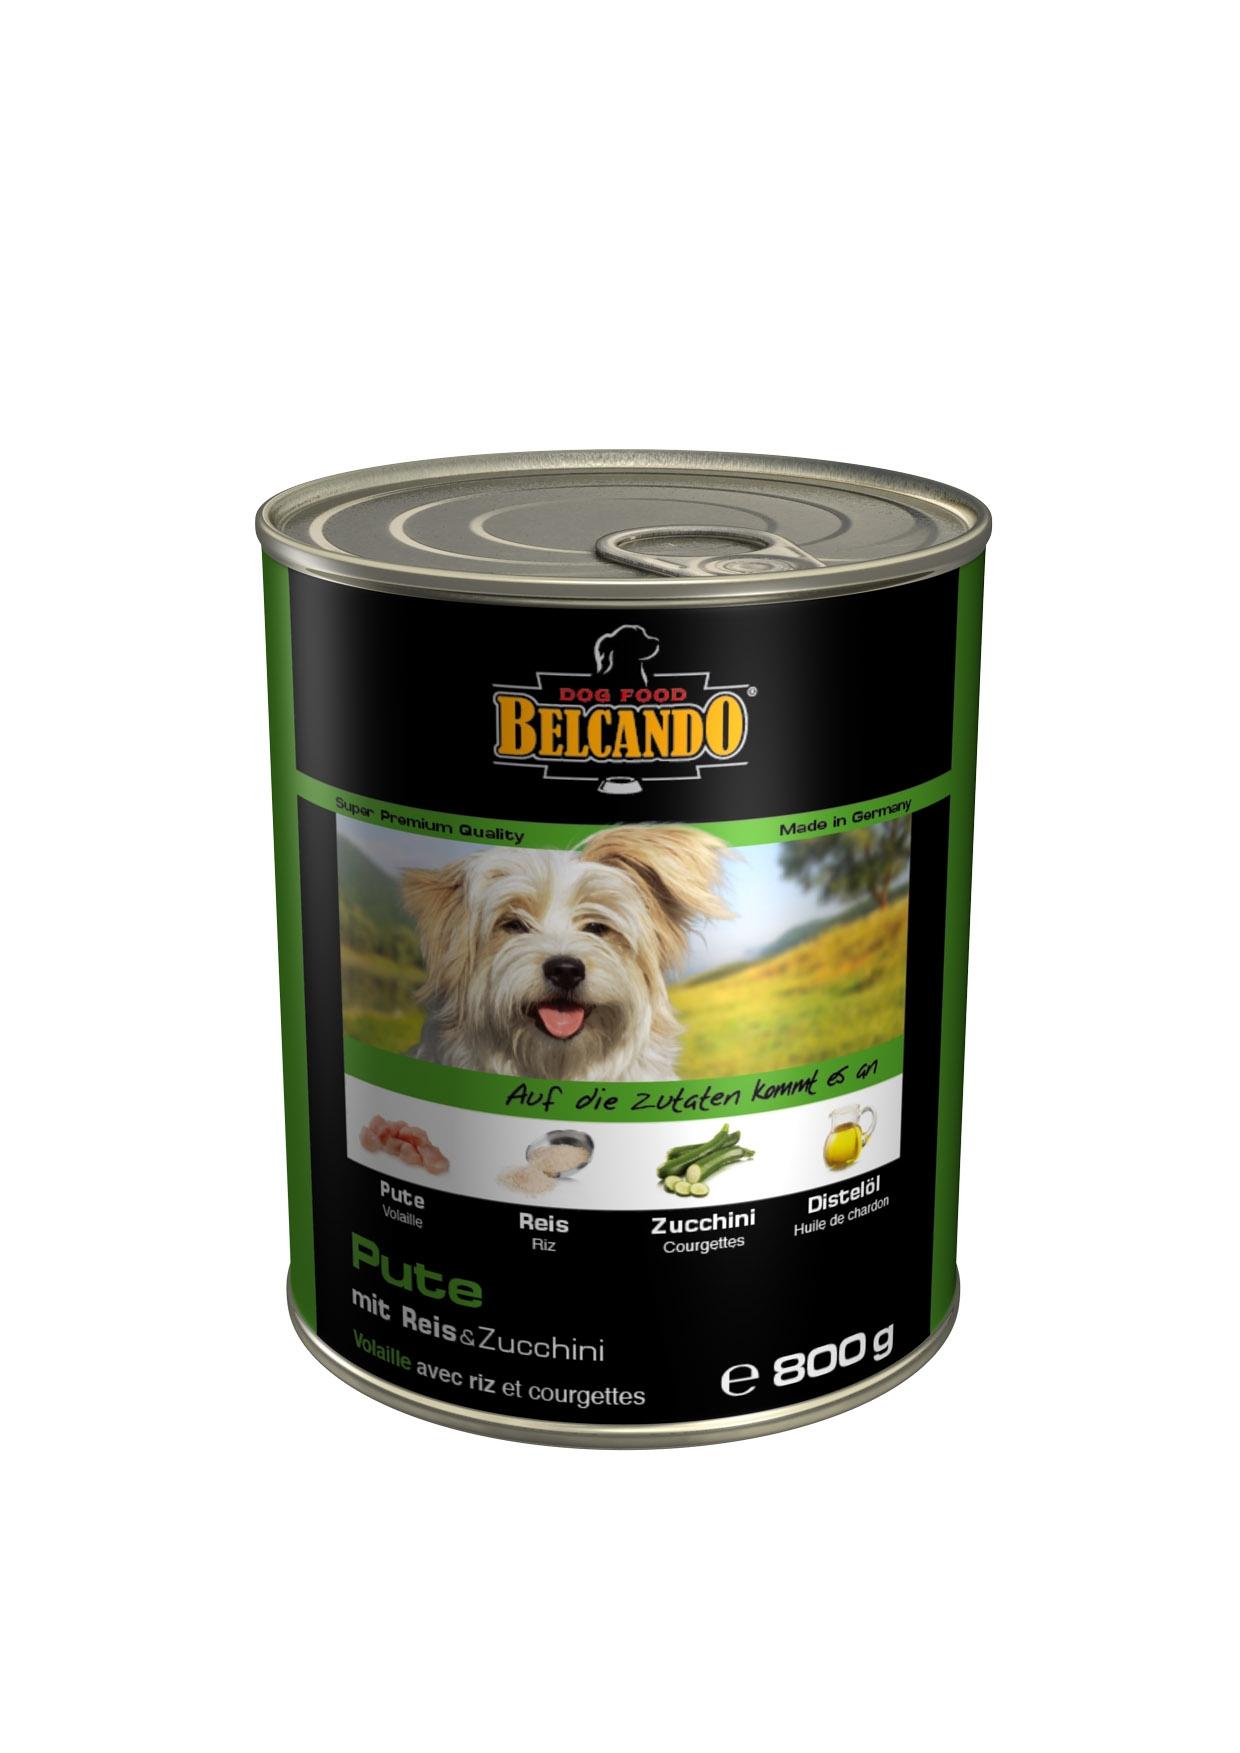 Консервы для собак Belcando, с мясом и овощами, 800 г консервы для собак мнямс касуэла по мадридски с кроликом и овощами 200 г